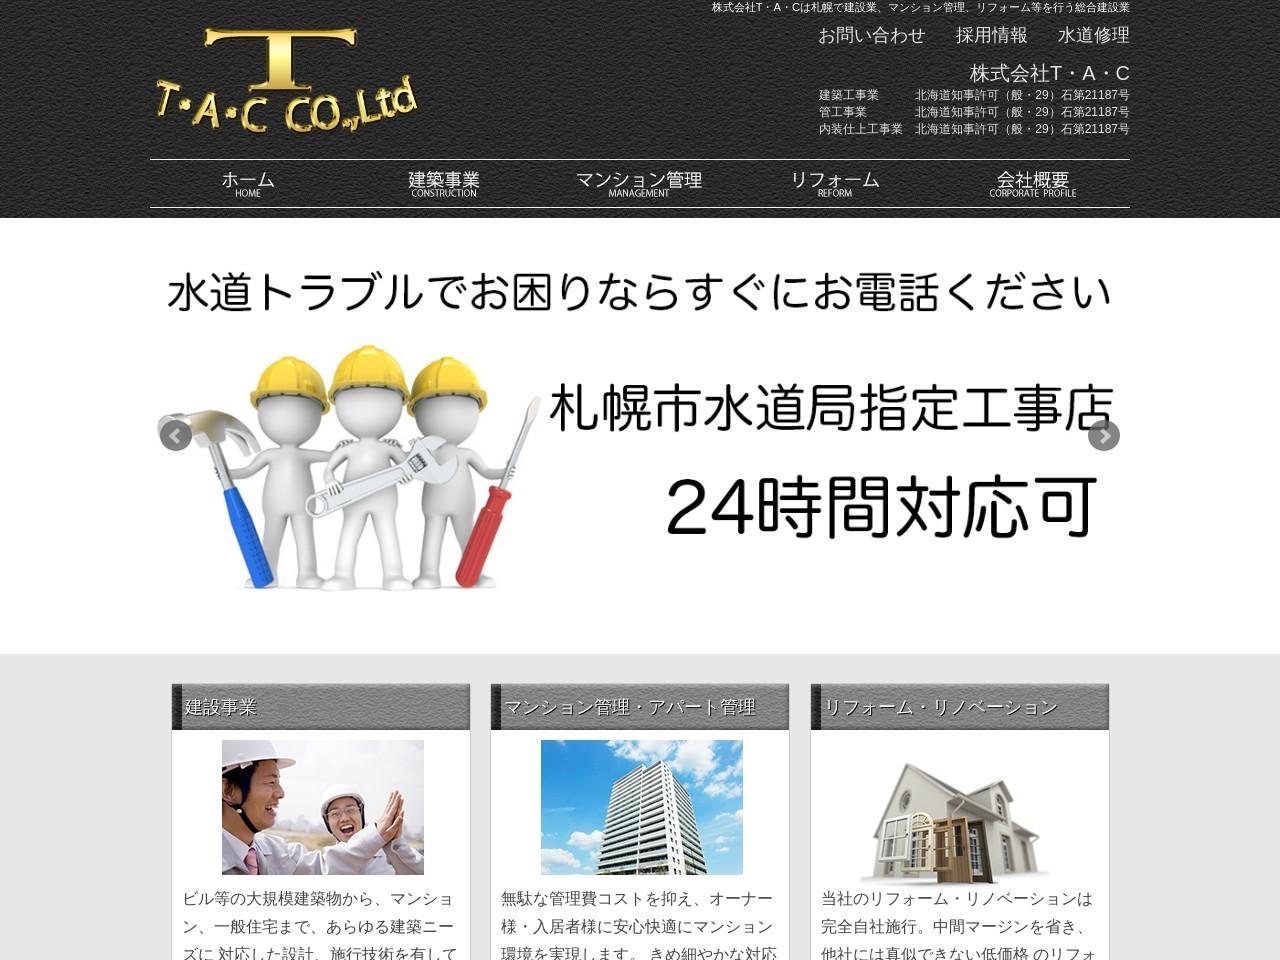 株式会社T・A・C